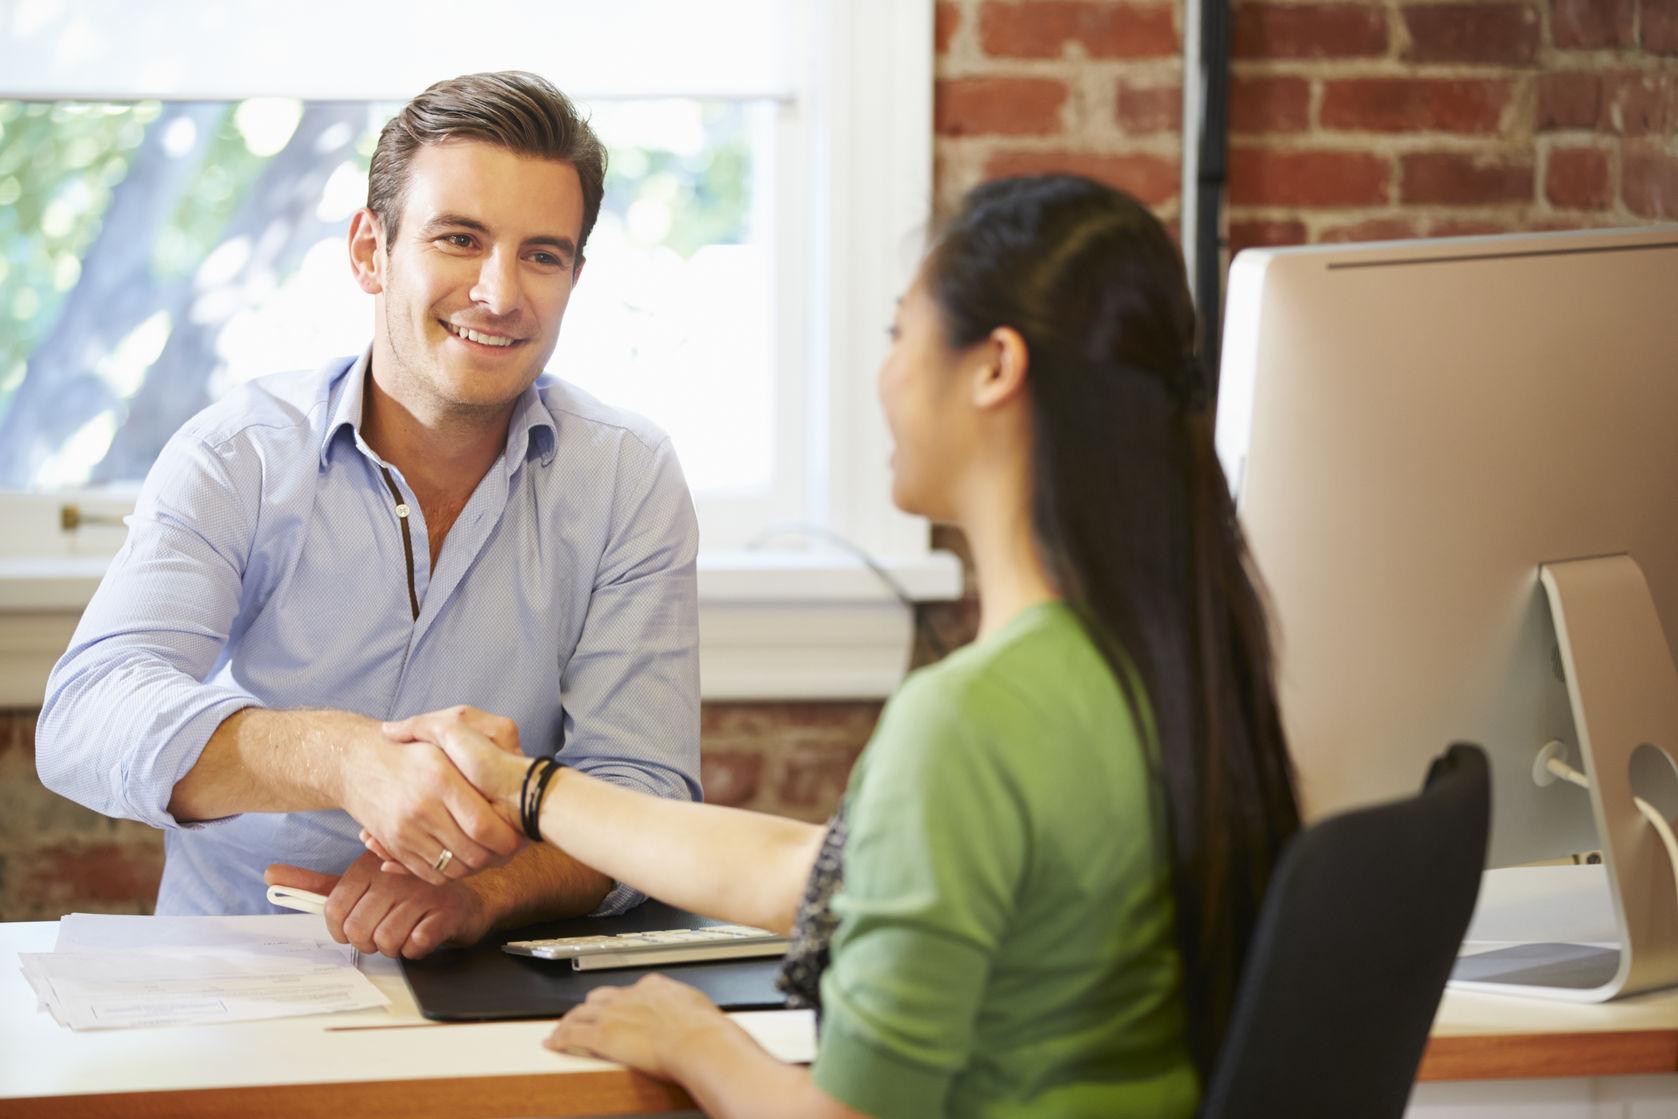 成人学英语报哪种英语培训班好?广州成人英语培训班哪家效果好?